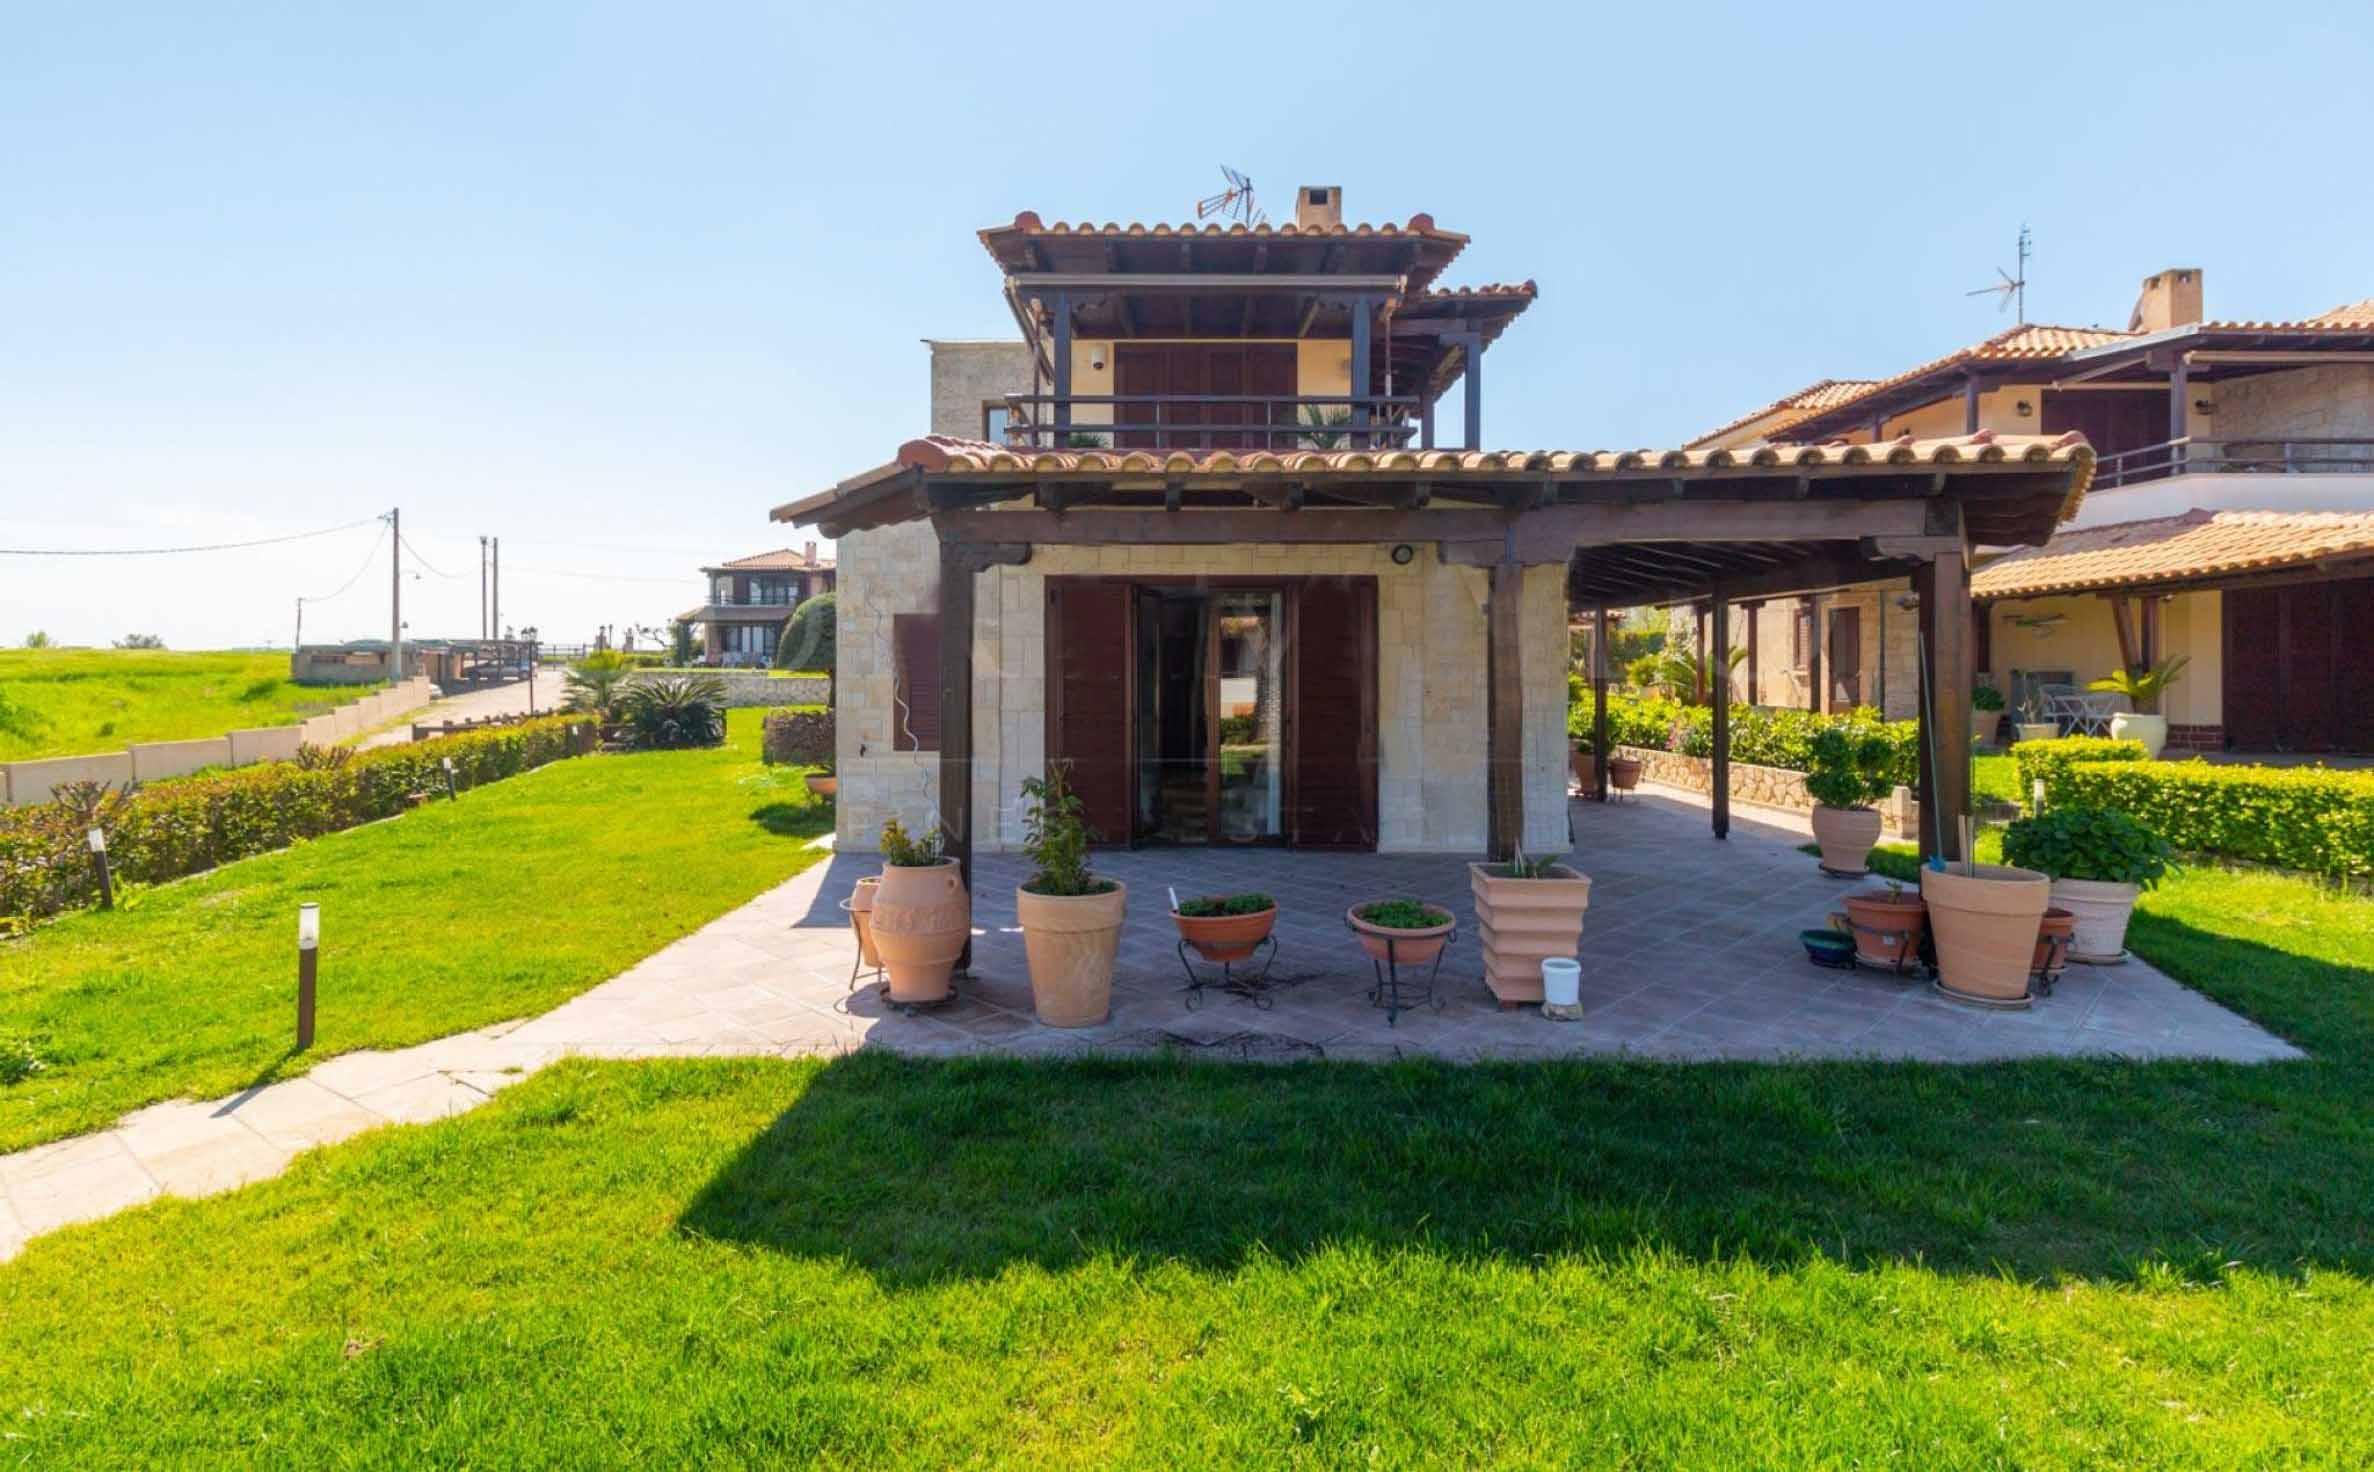 House for Sale in Kassandra Halkidiki, Afytos – GREAT OFFER